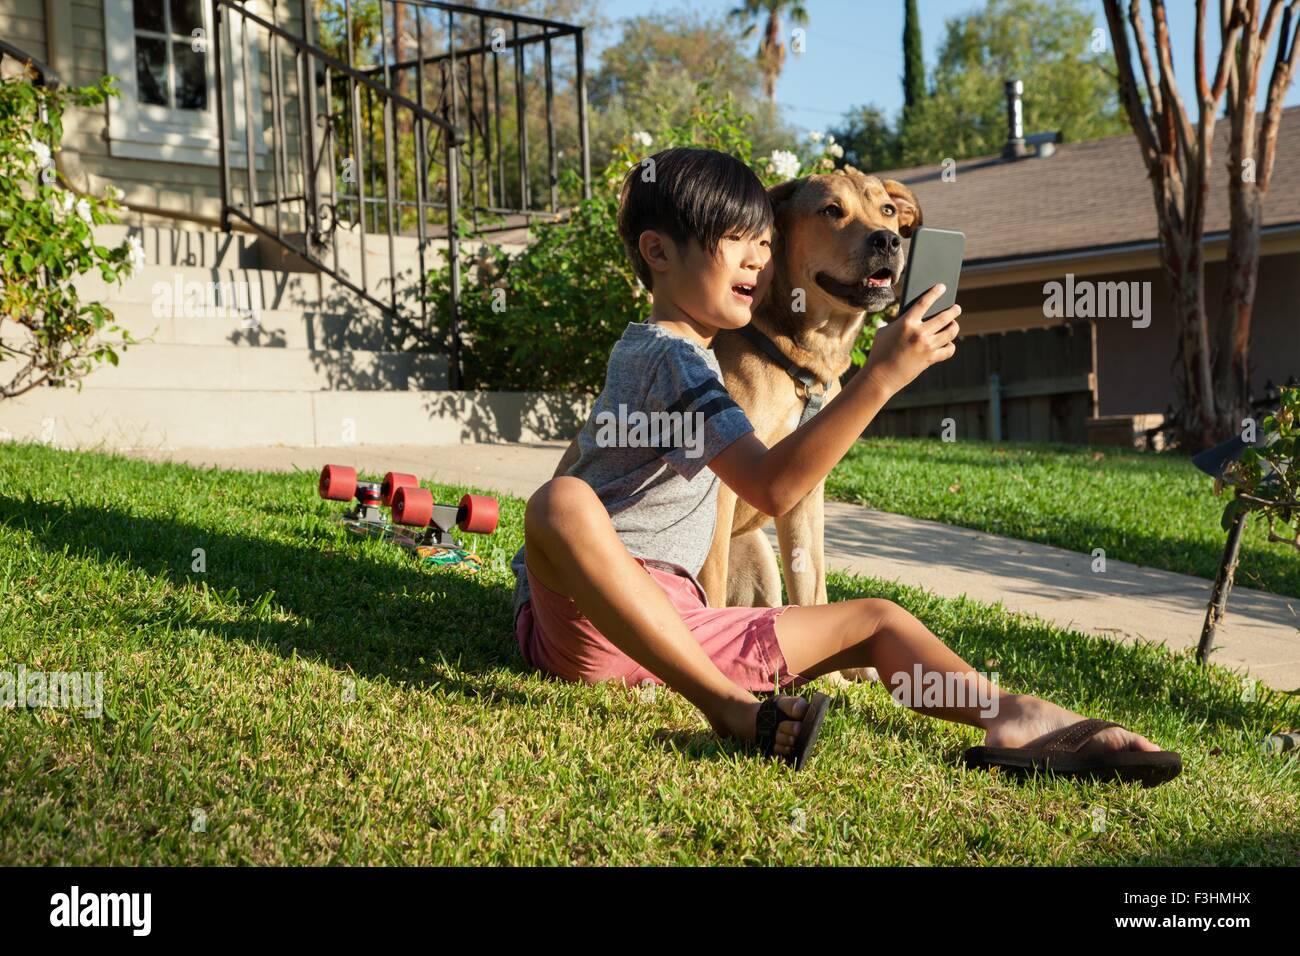 Junge posiert für Smartphone Selfie mit Hund im Garten Stockbild